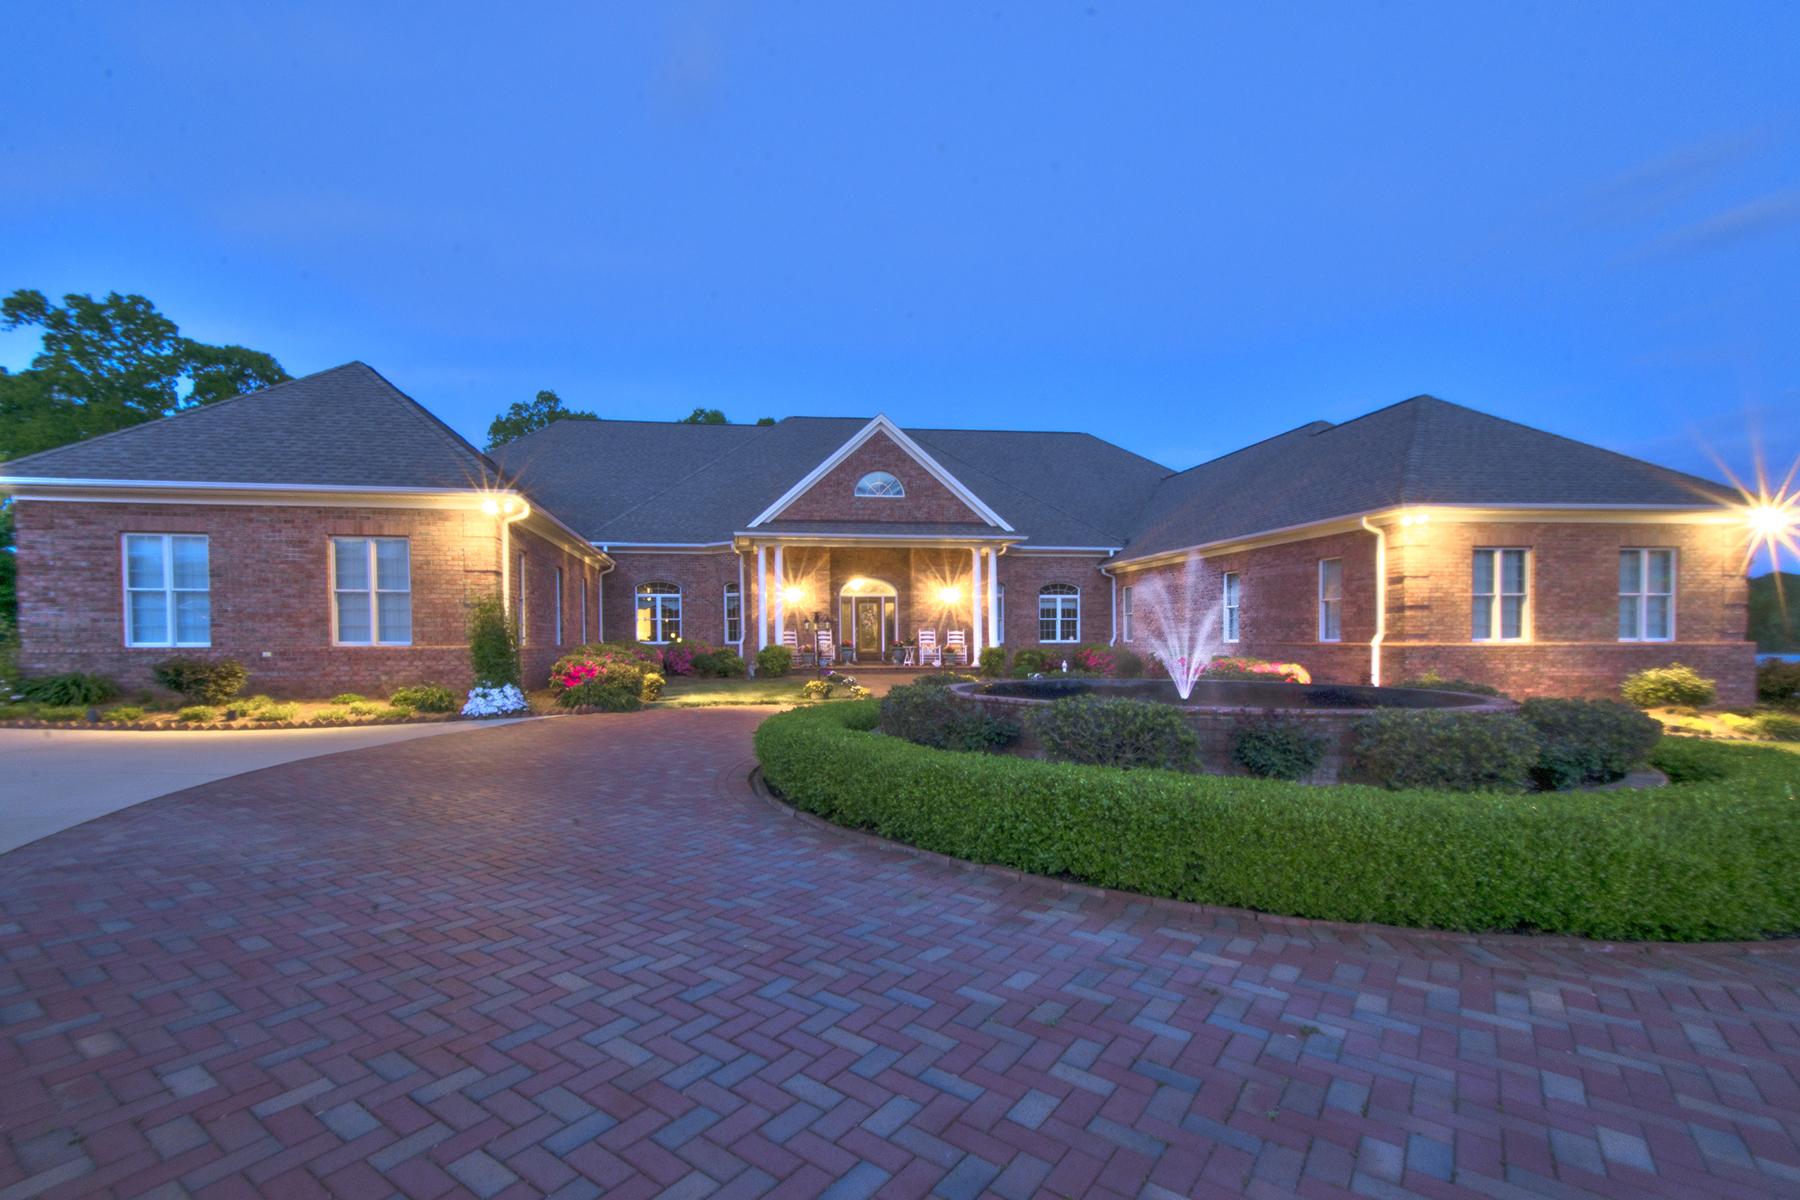 獨棟家庭住宅 為 出售 在 RIVER RUN 49461 River Run Rd Albemarle, 北卡羅來納州 28001 美國